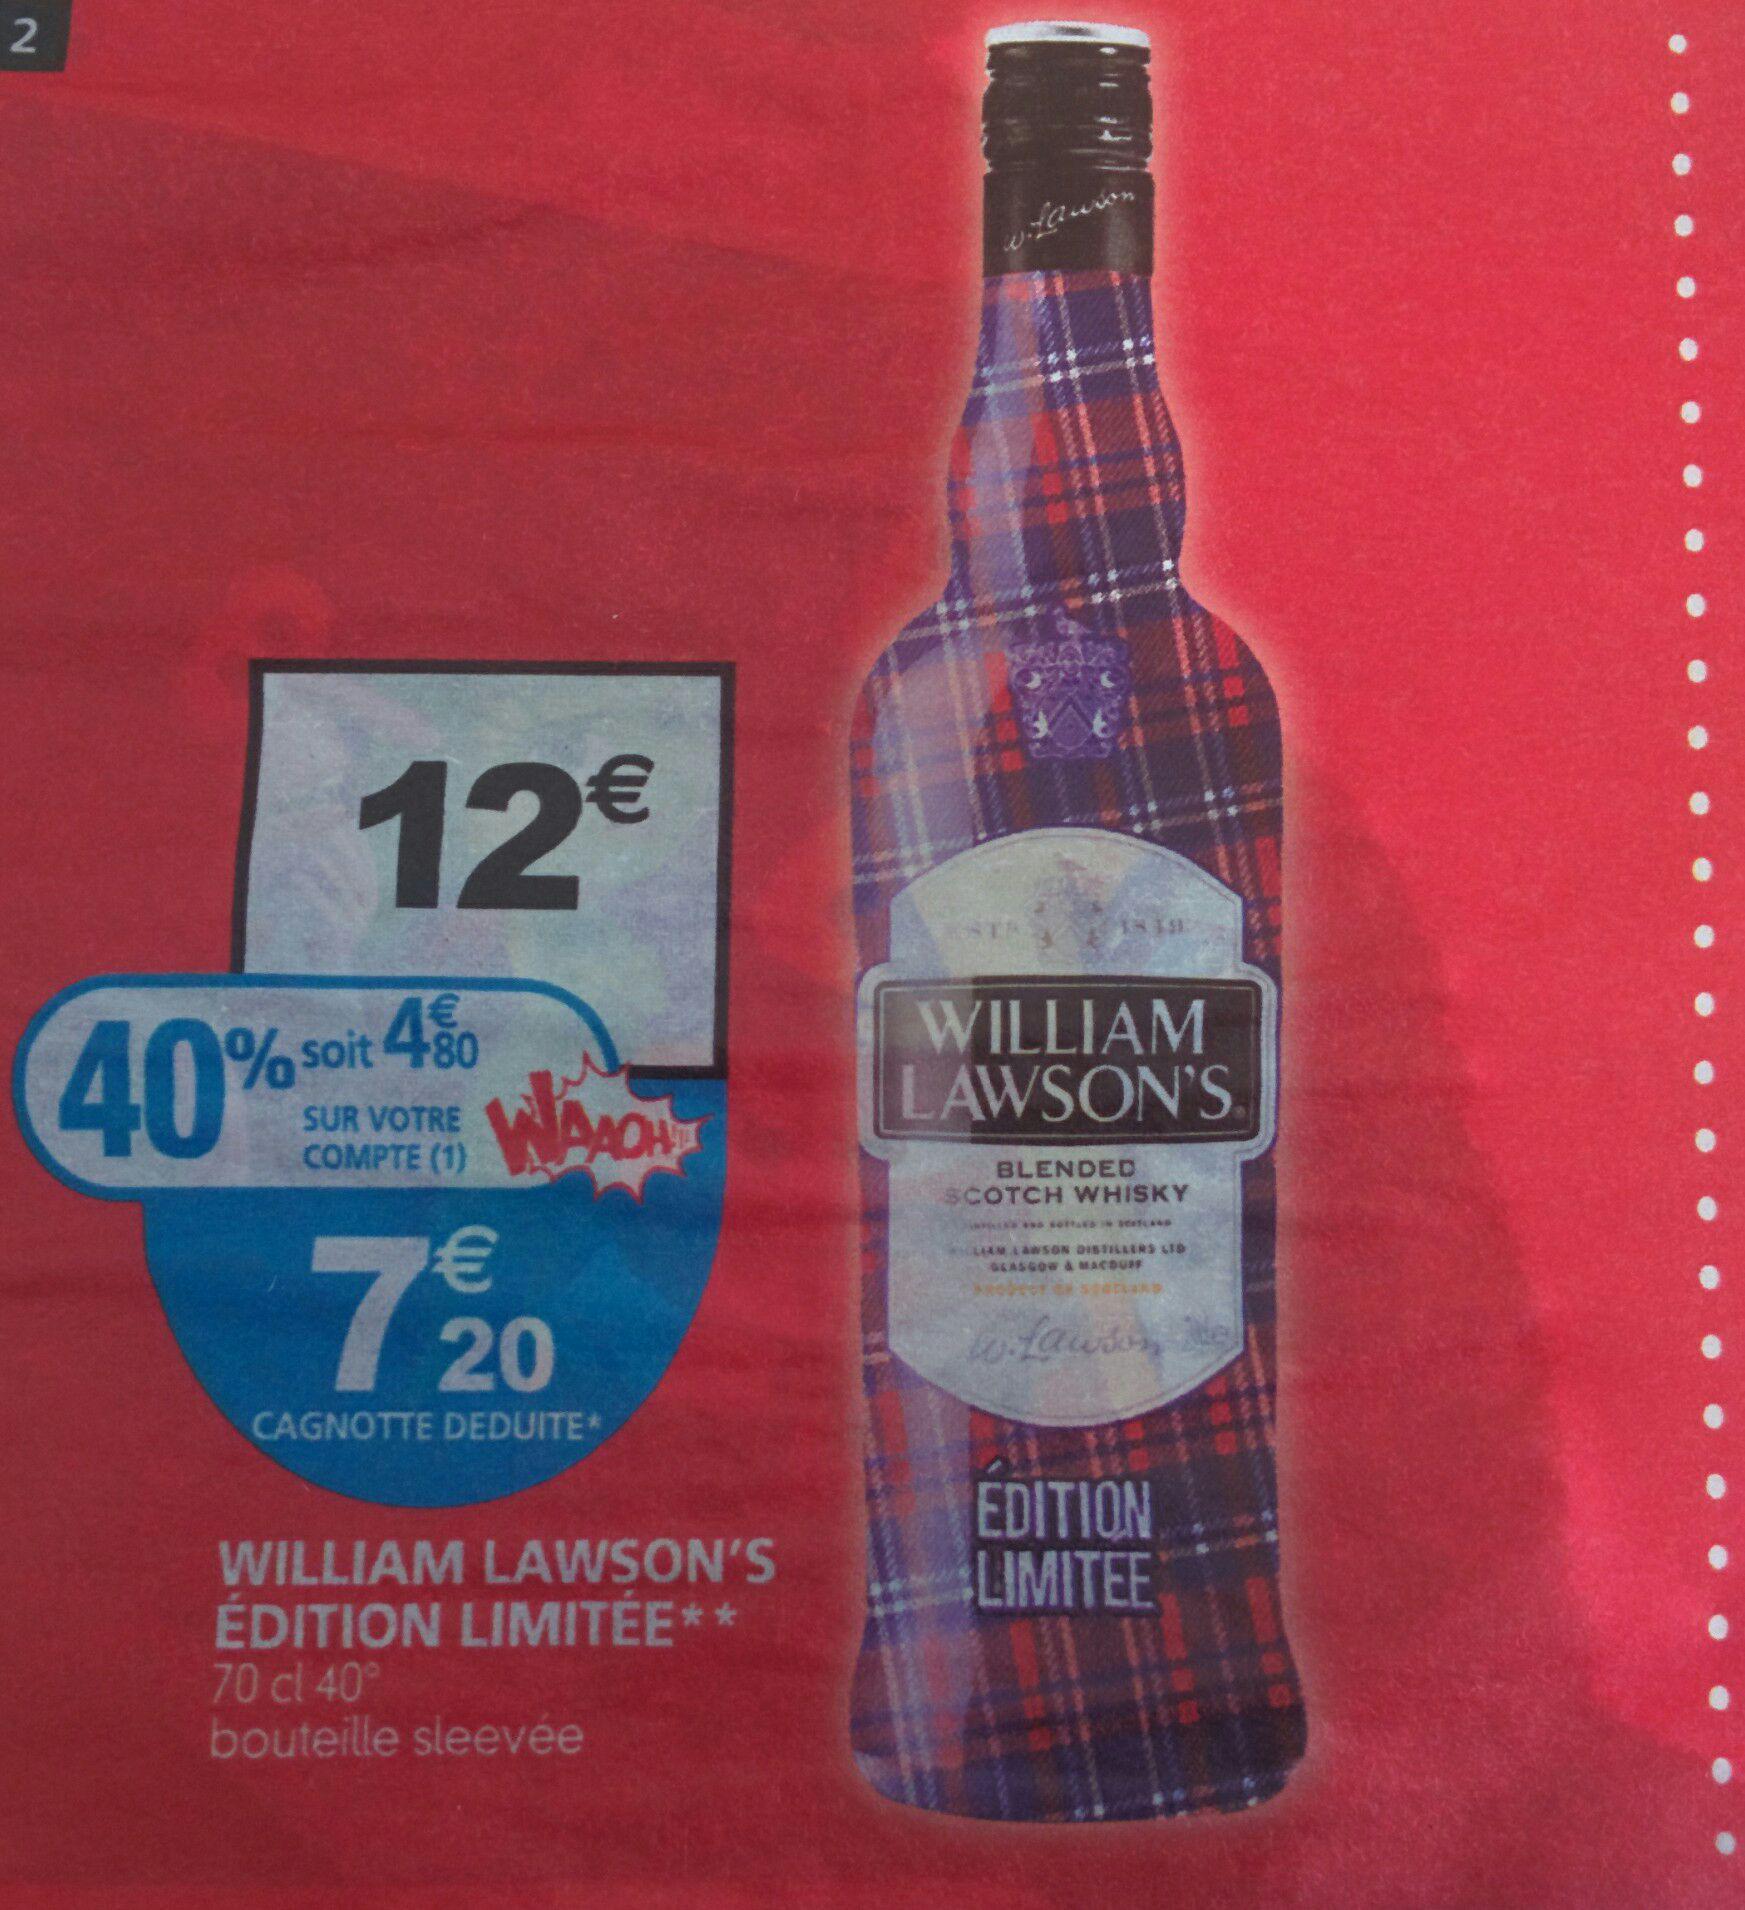 Bouteille de Scotch William Lawson's - 70cl - Édition limitée (via 4.80€ sur la carte Waaoh)